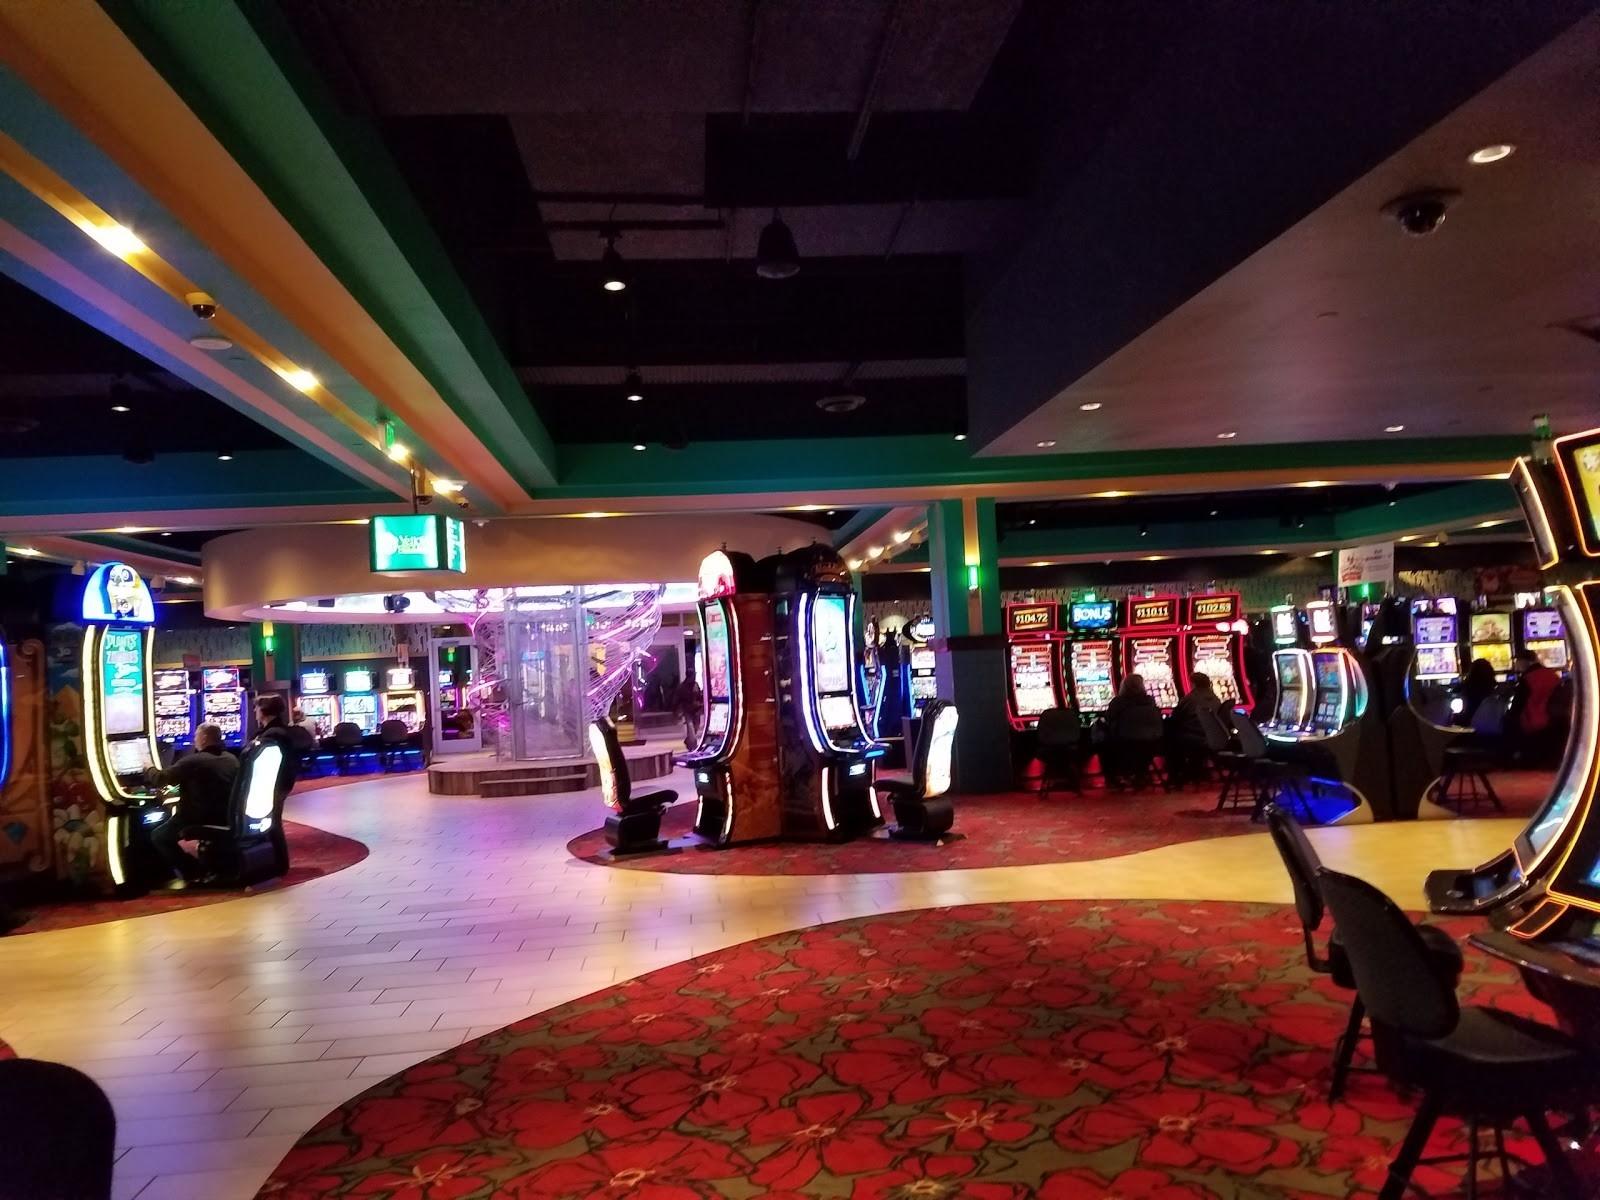 620赌场的欧洲888赌场锦标赛免费比赛